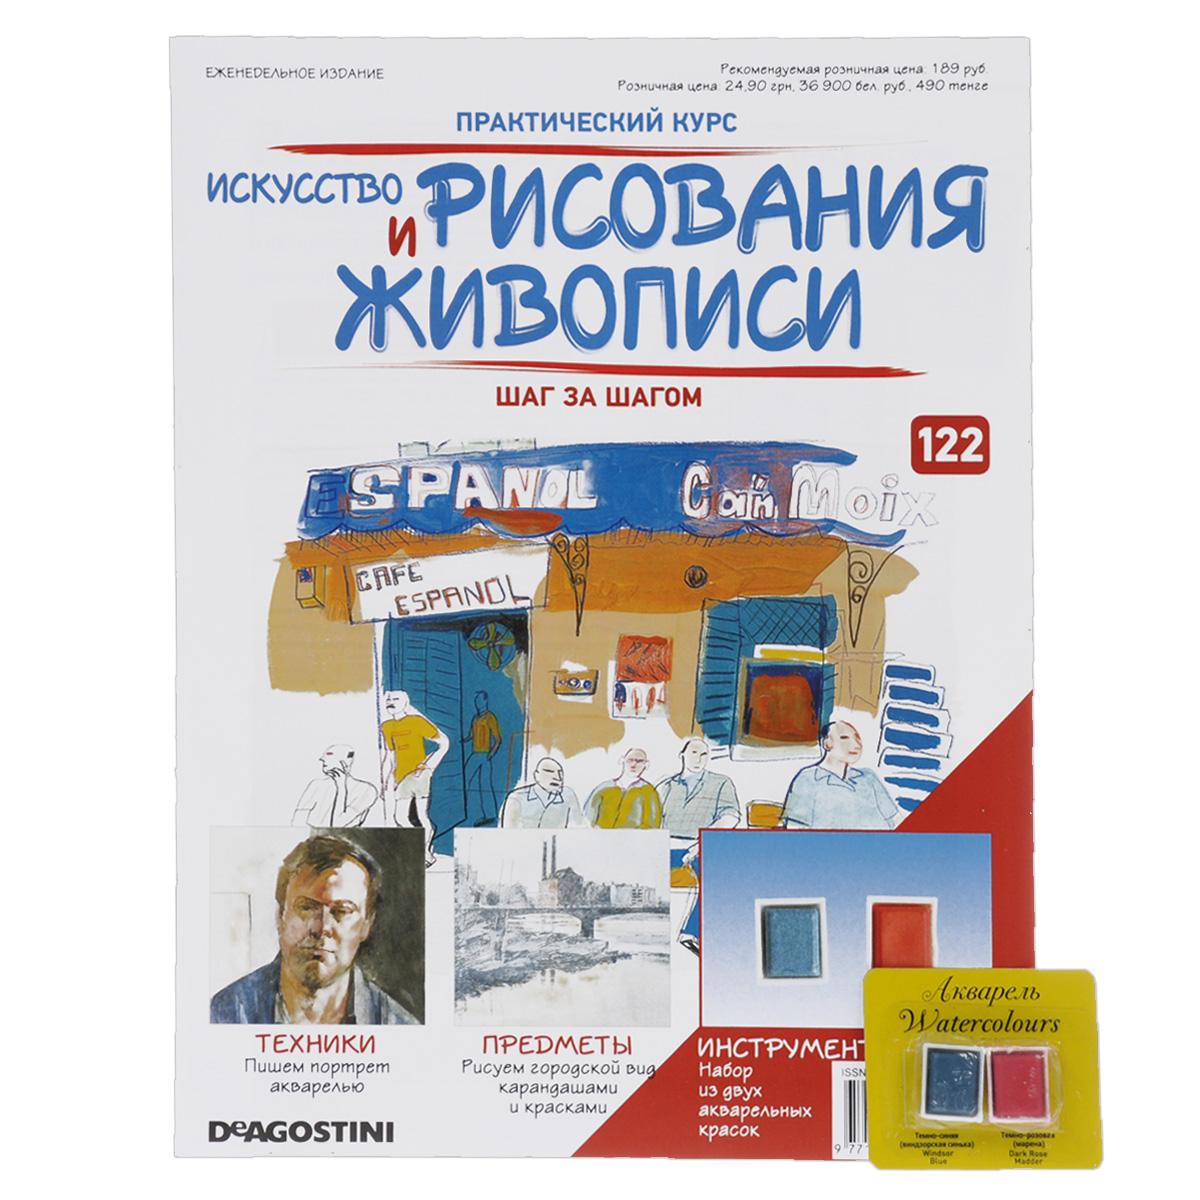 Журнал Искусство рисования и живописи №122 все мандалы мира шаблоны для рисования и расшифровка тайных символов